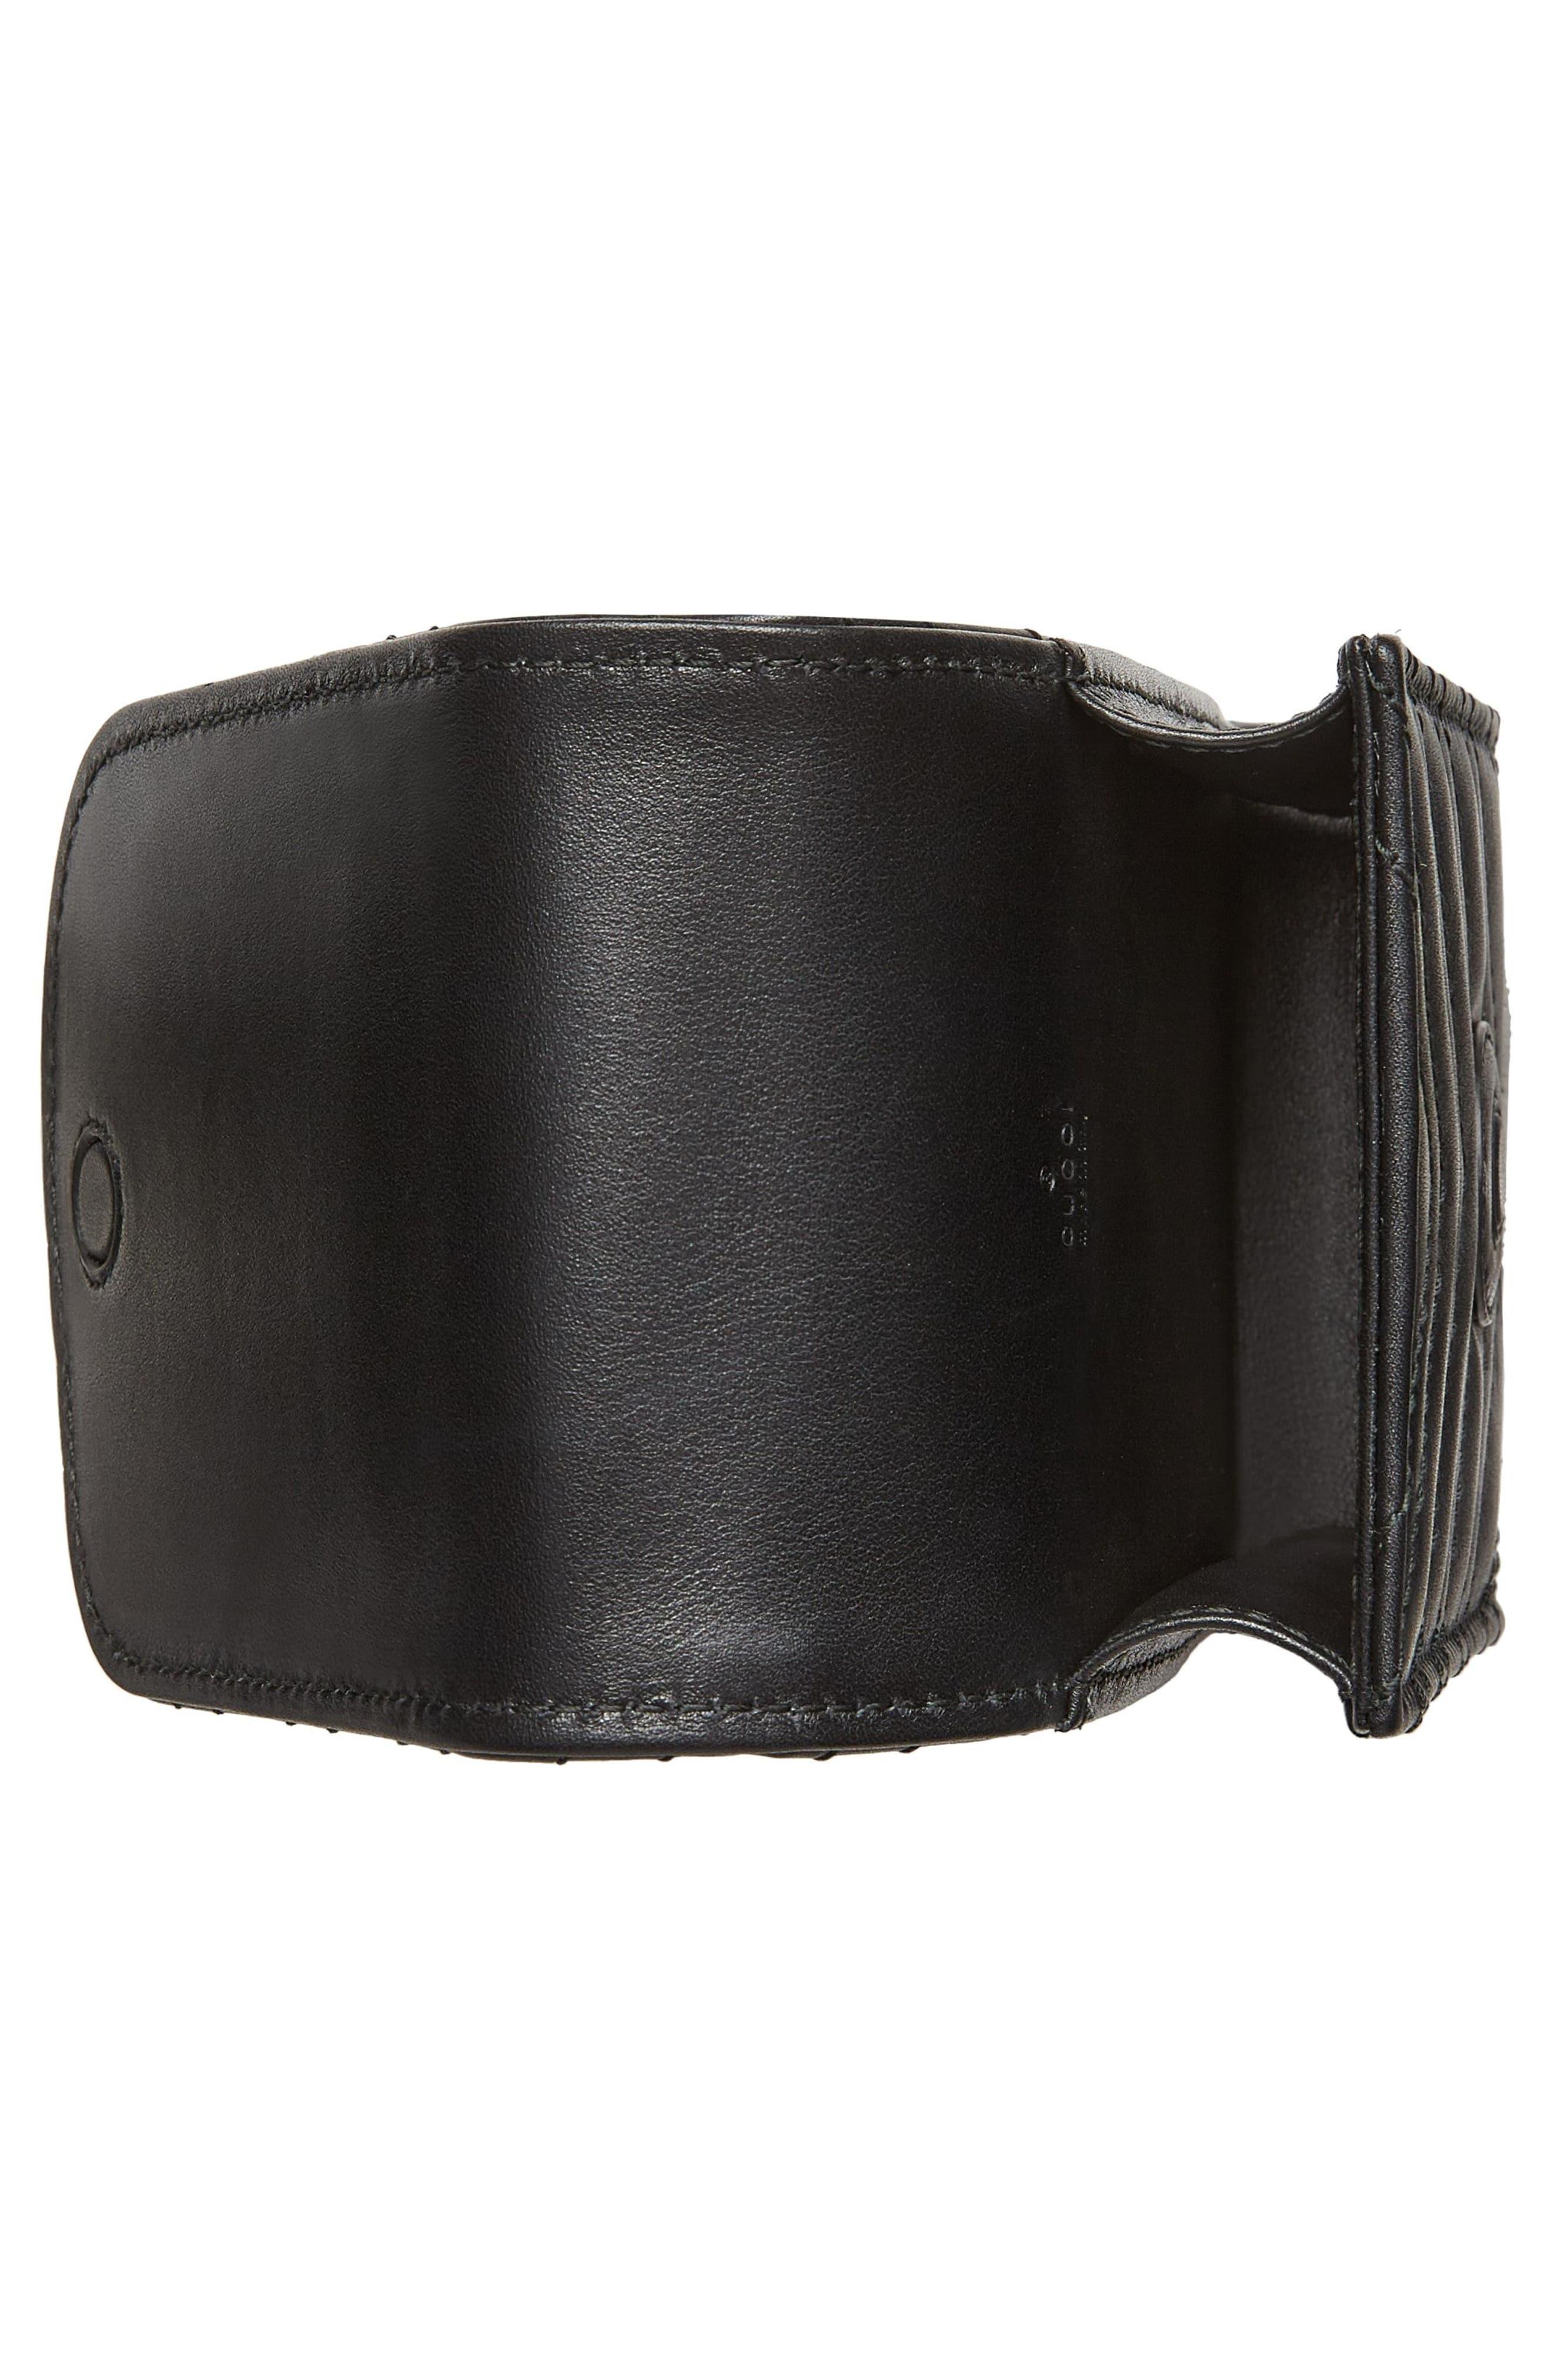 GG Marmont 2.0 Matelassé Leather Phone Case,                             Alternate thumbnail 3, color,